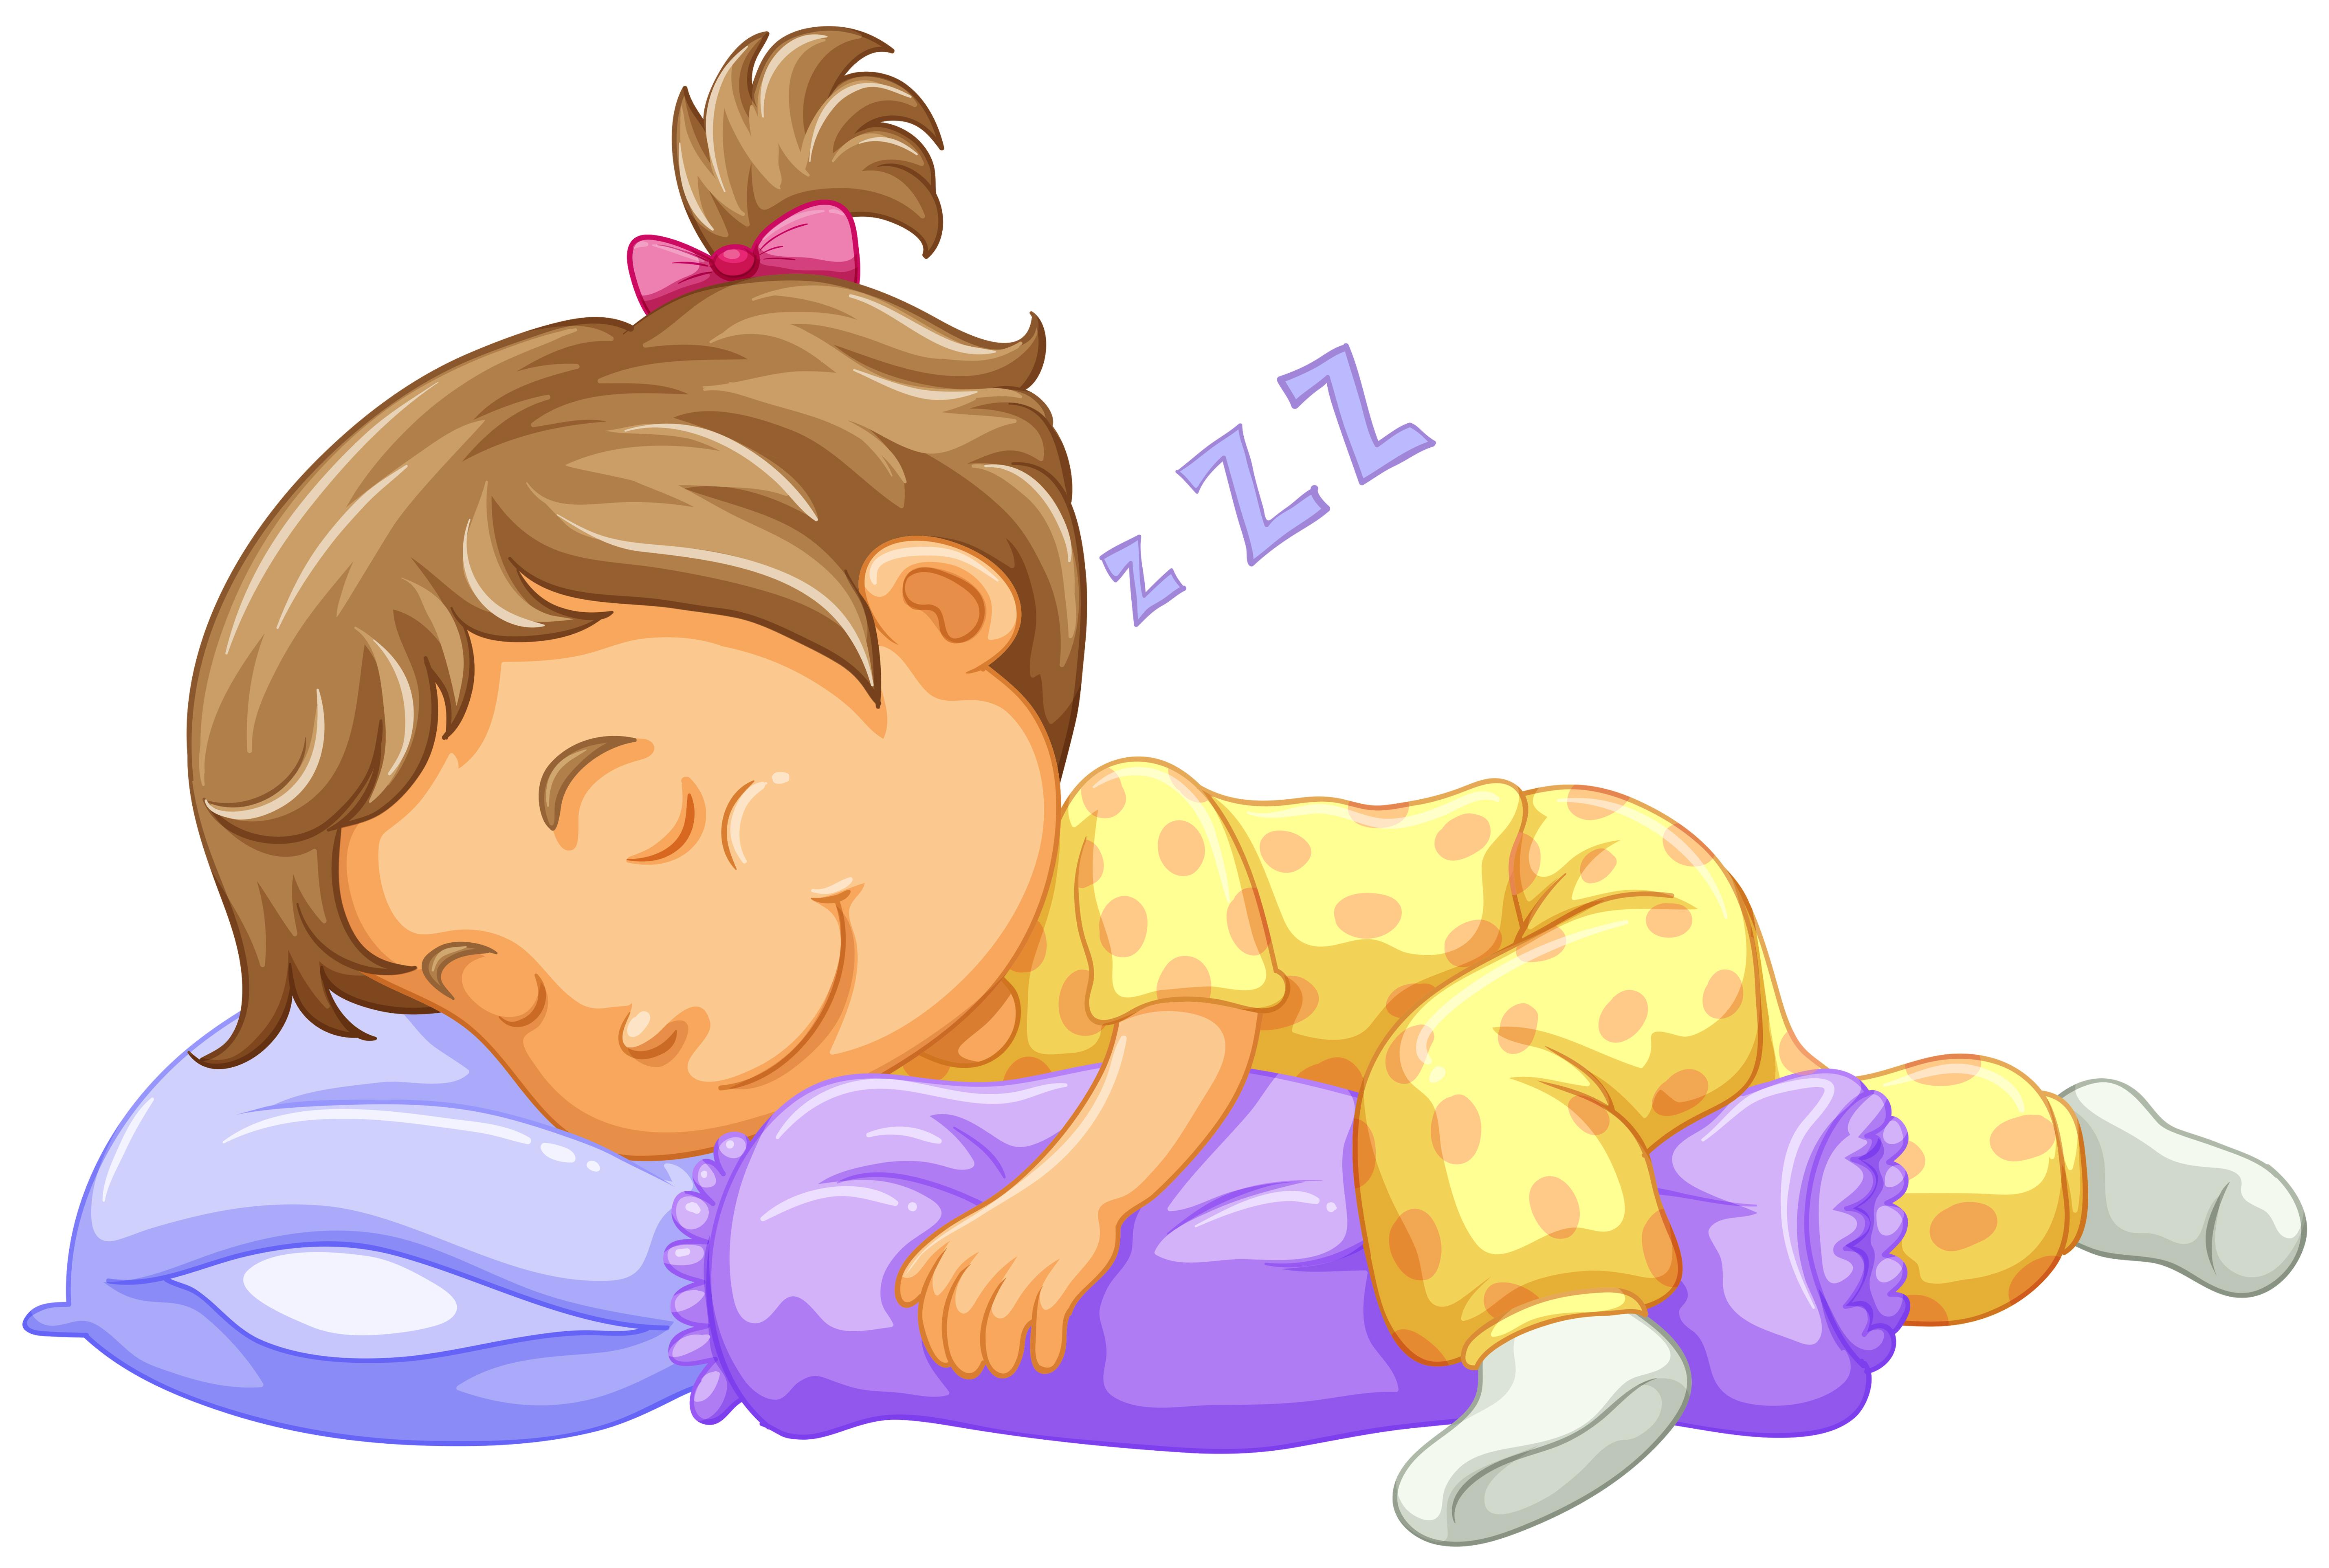 Girl toddler sleeping on blue pillow - Download Free ...